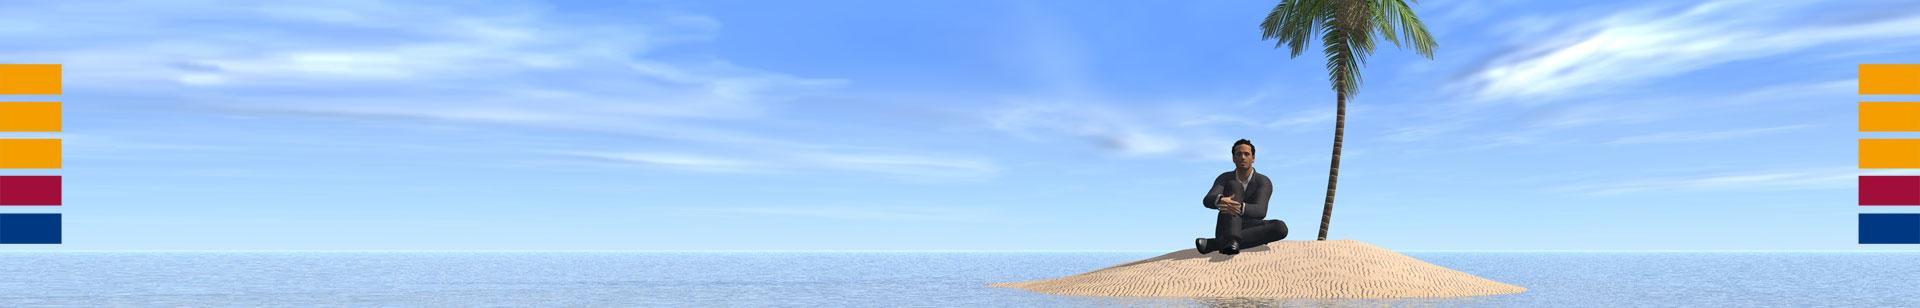 index Anzeigendaten Insel